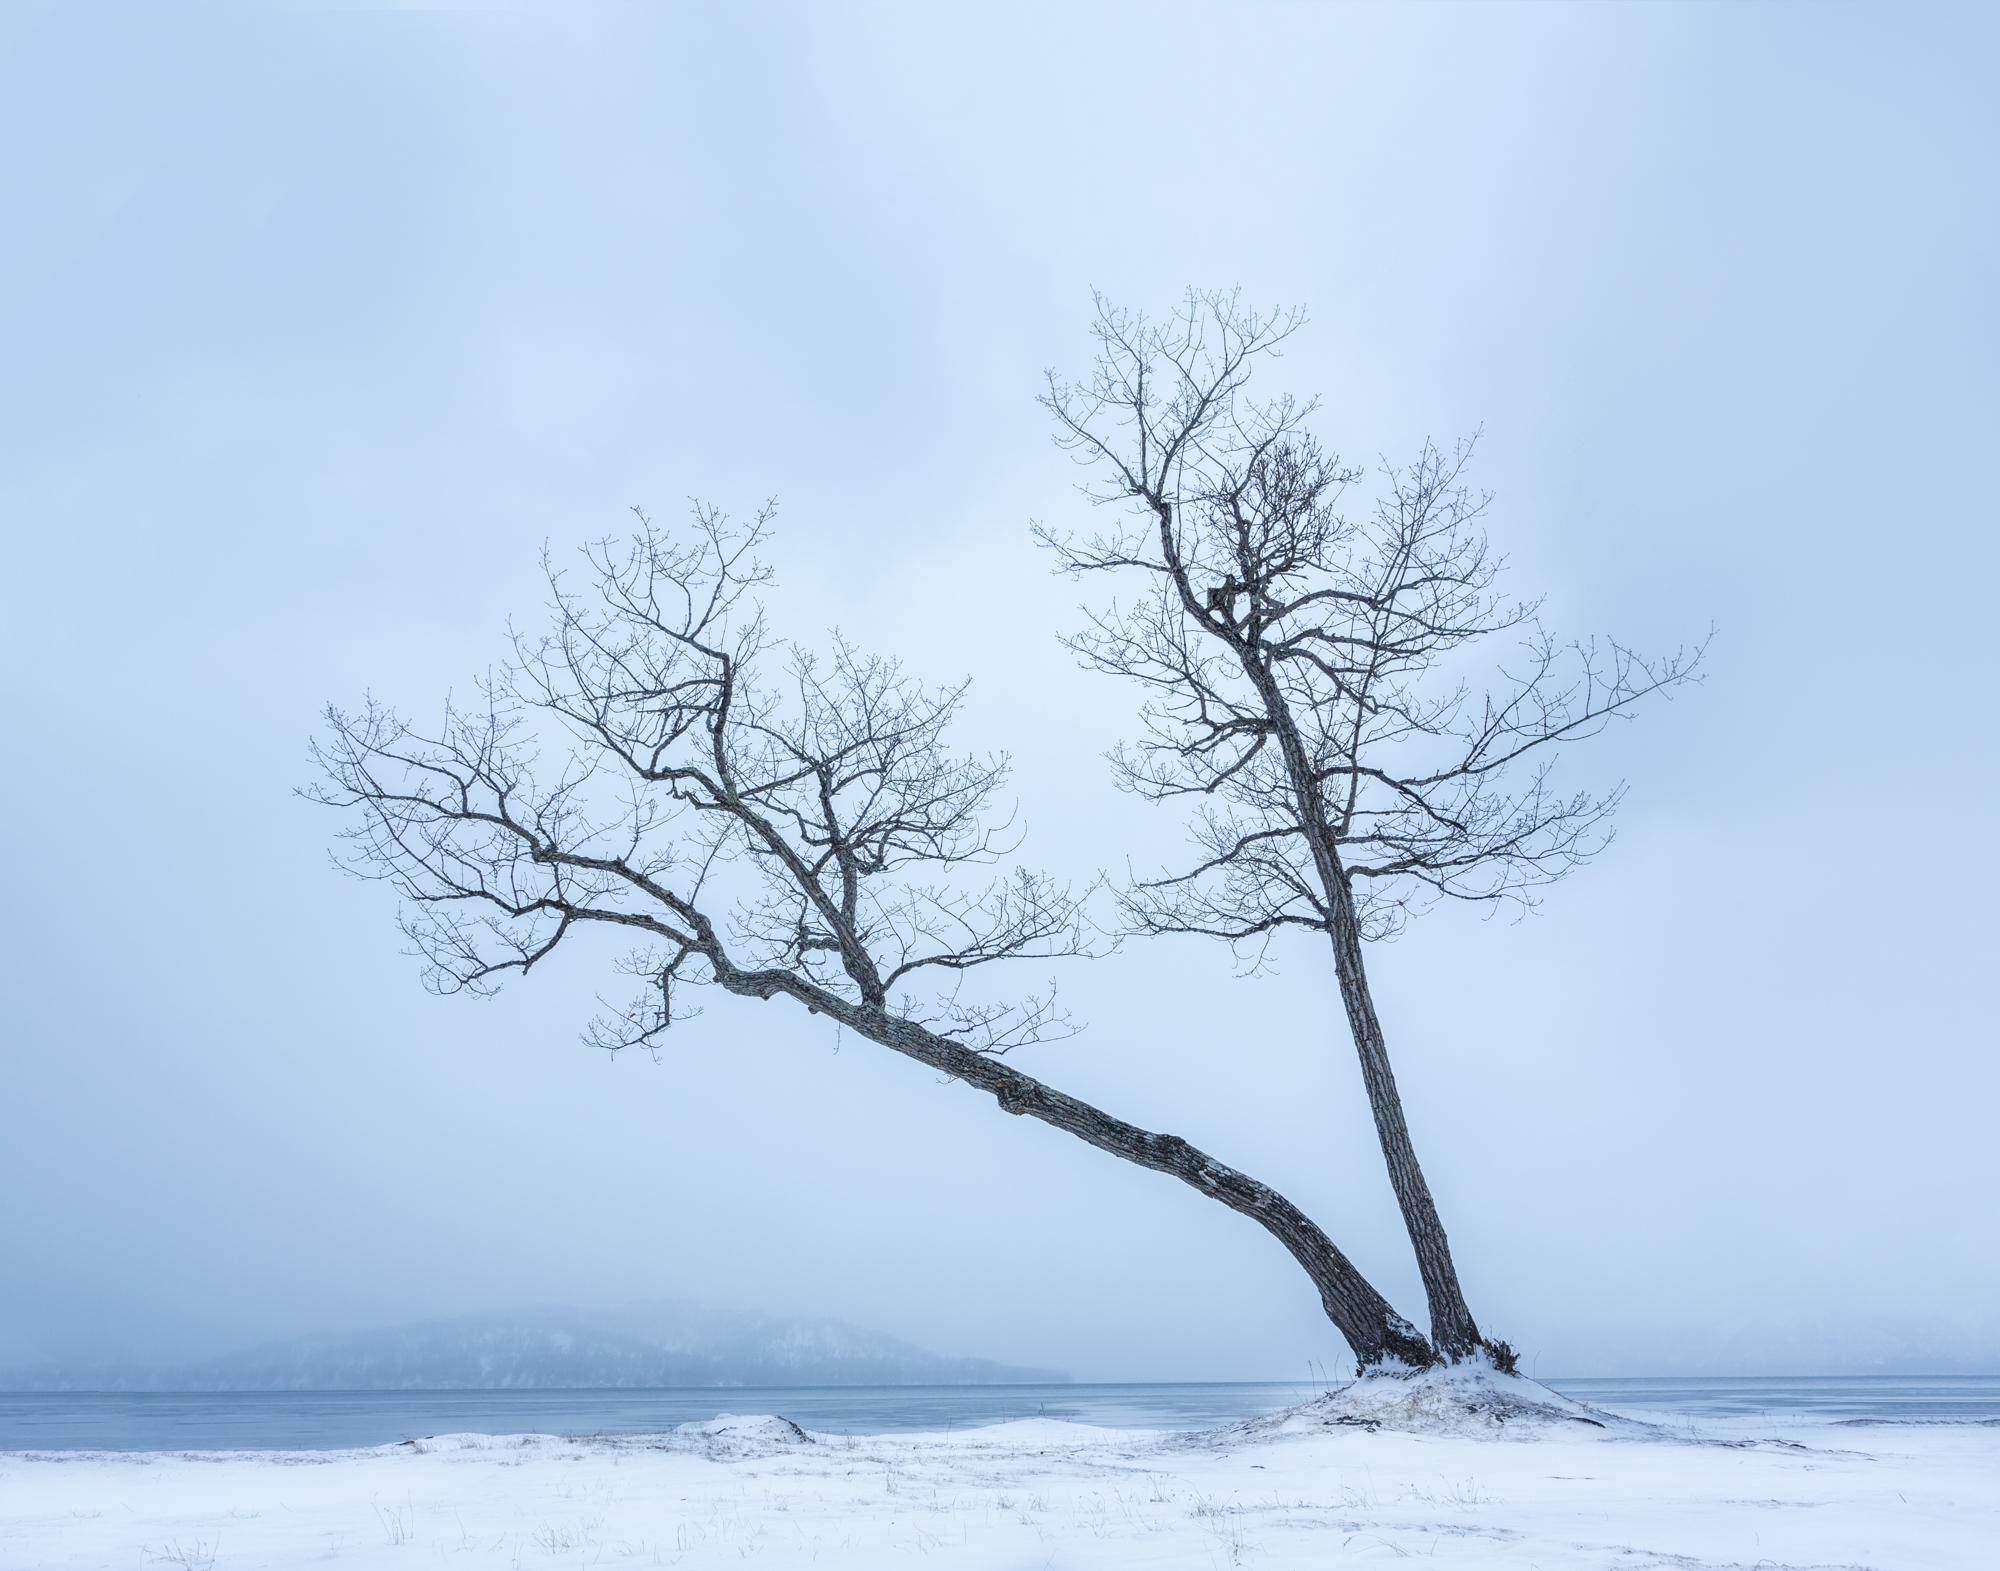 8. Lake Kusharro, Hokkaido, Japan